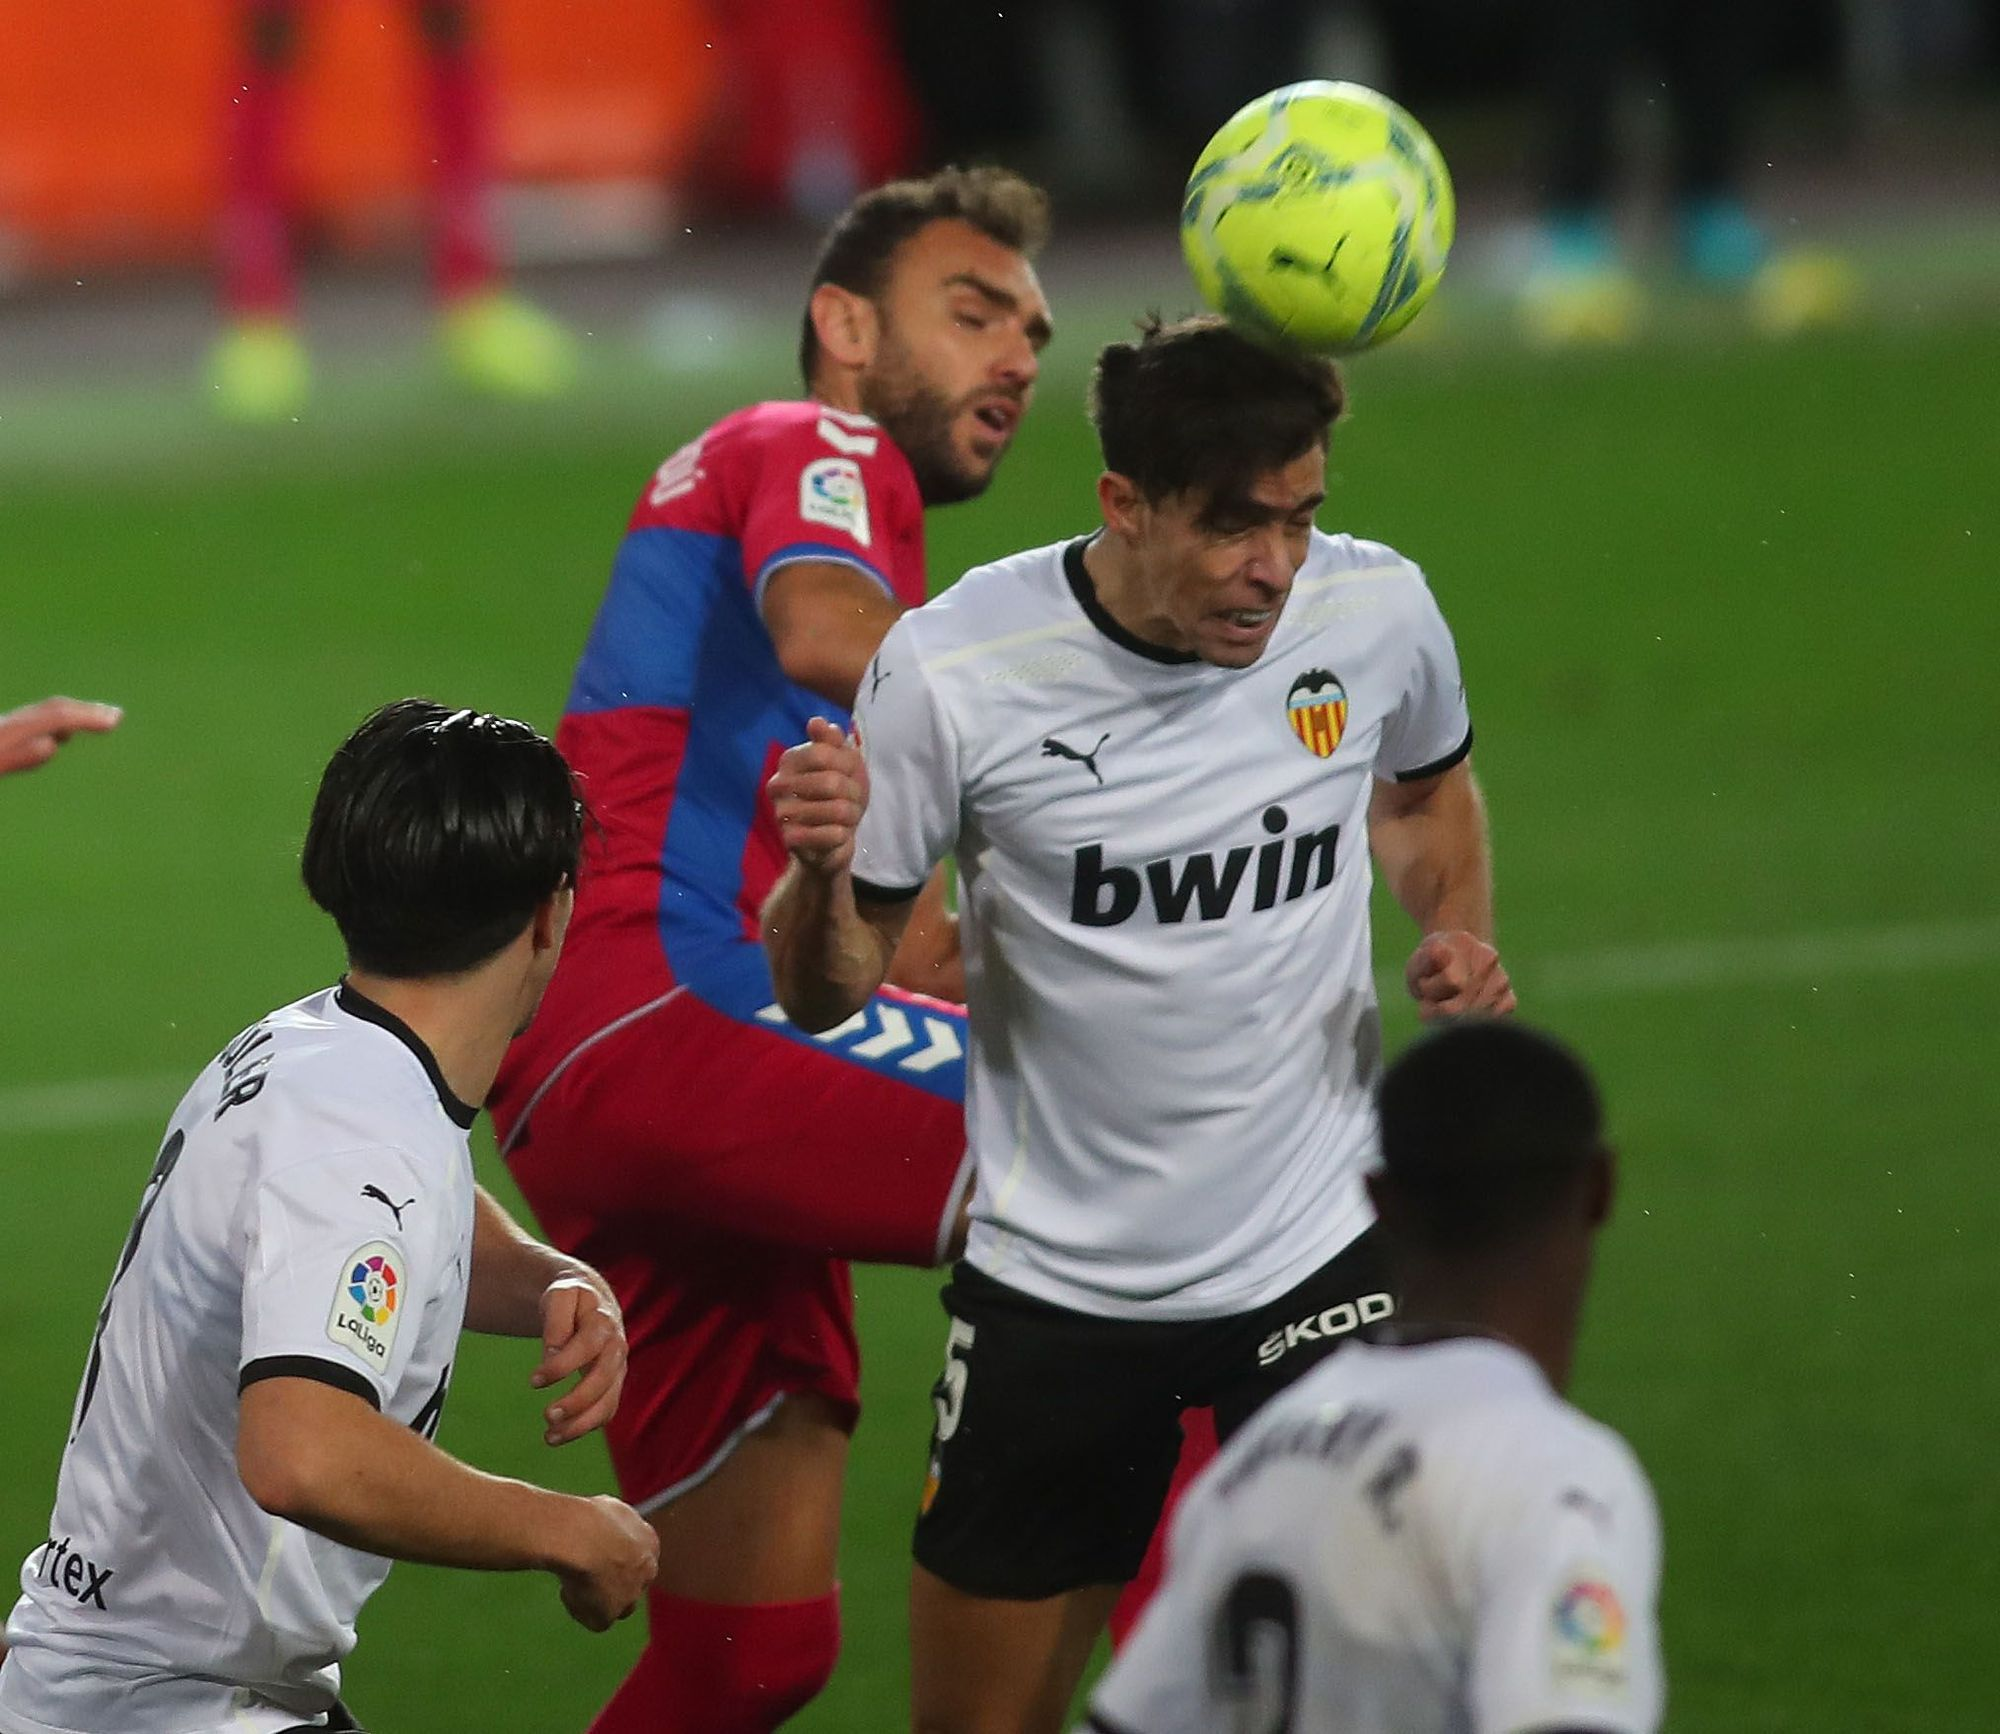 Las imágenes la victoria del Valencia CF frente al Elche